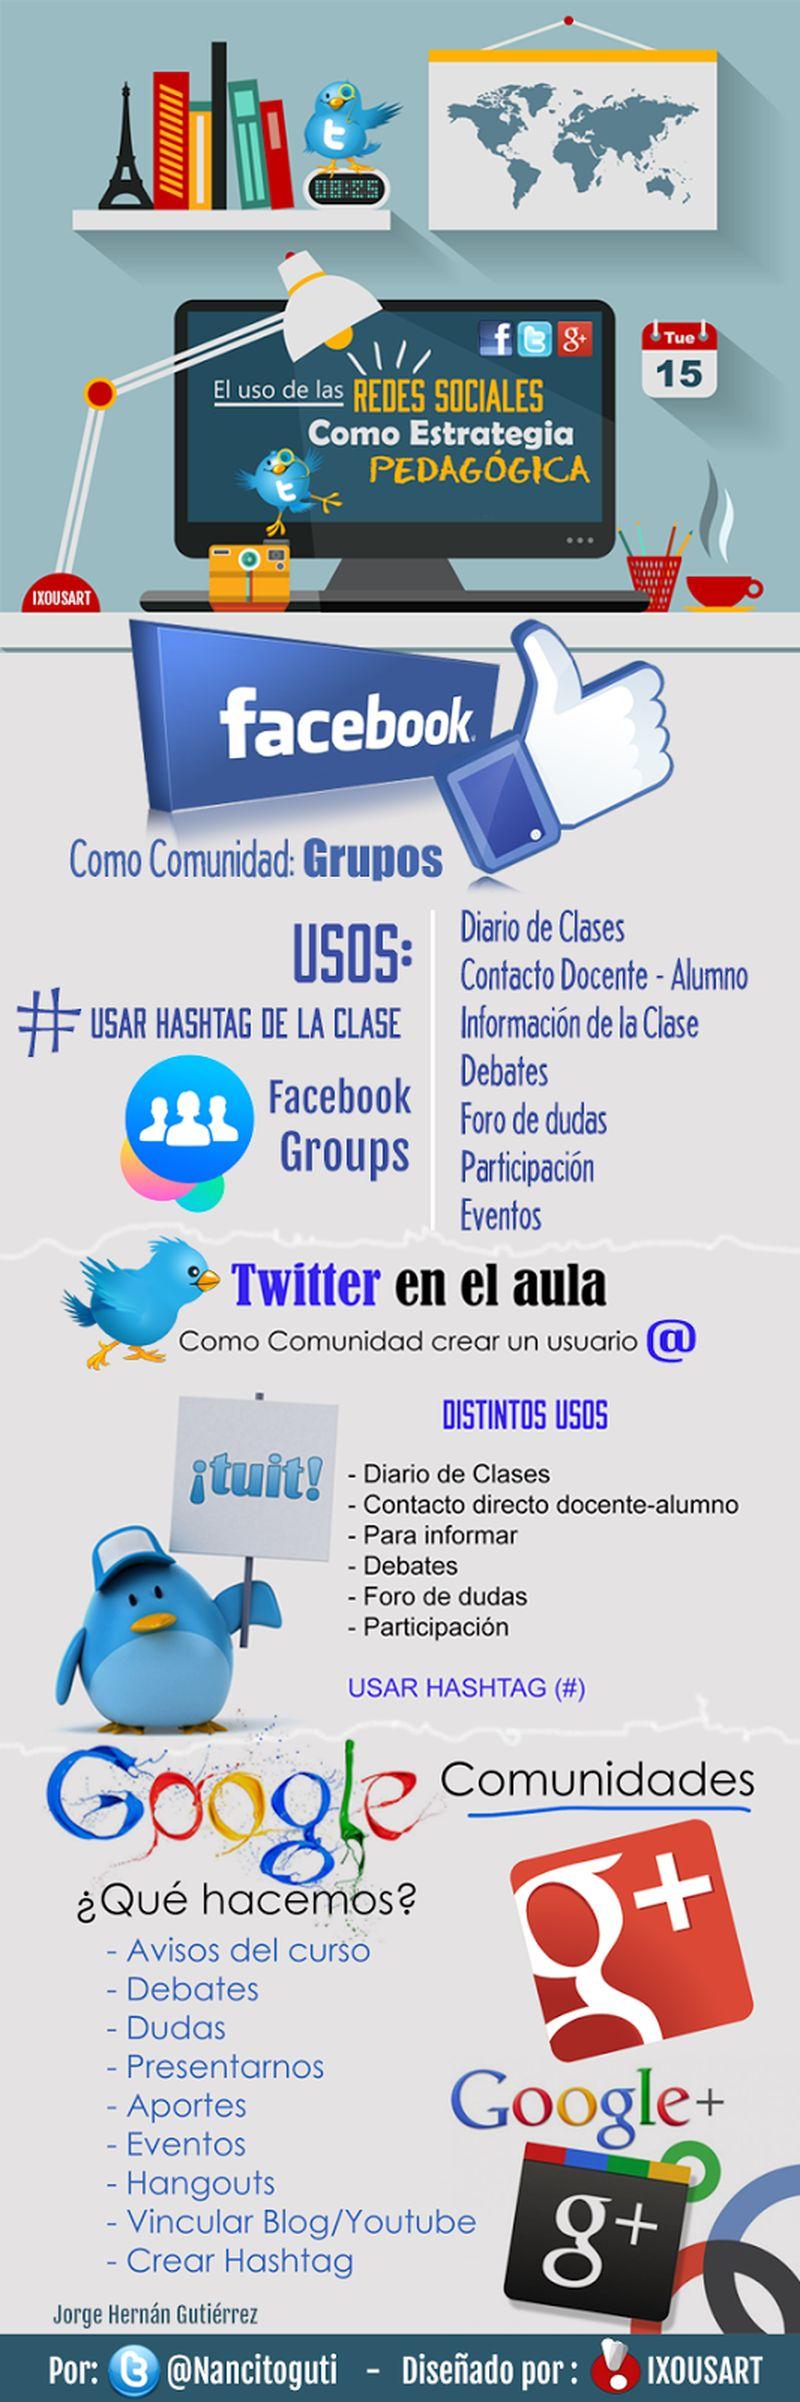 El uso de las redes sociales como estrategia pedagogica